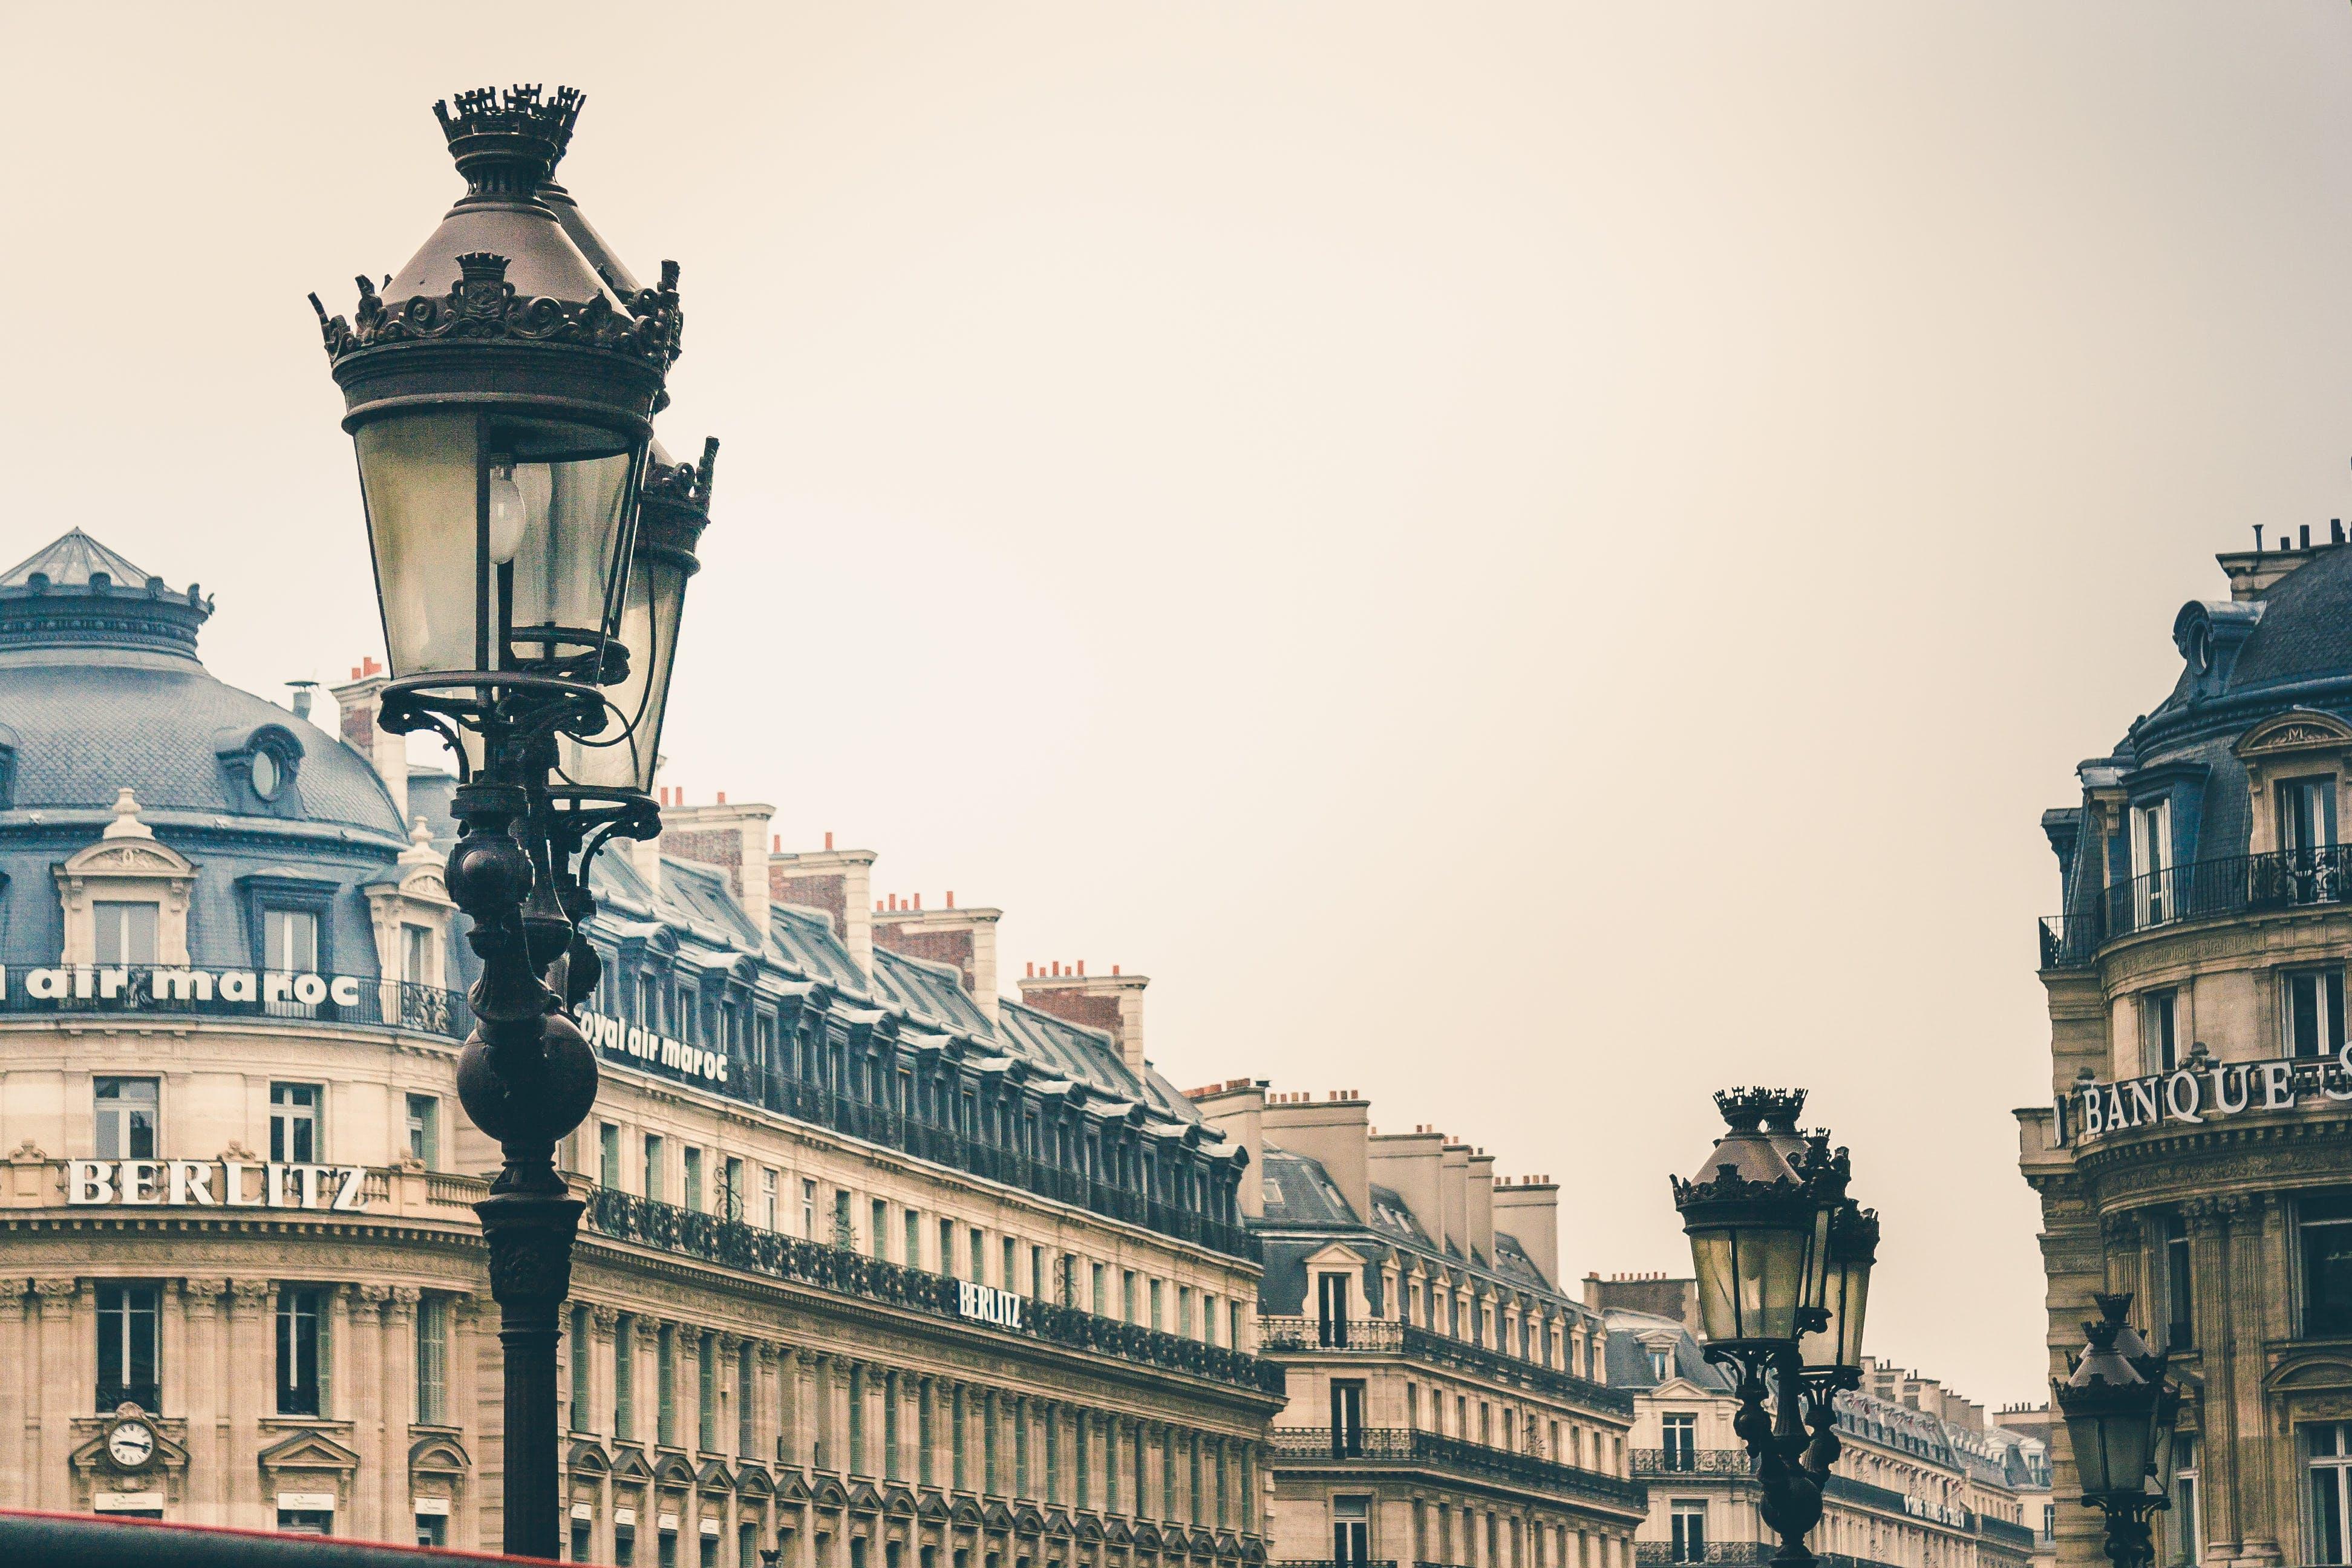 Ilmainen kuvapankkikuva tunnisteilla arkkitehtuuri, historiallinen, katulamput, kaupunki